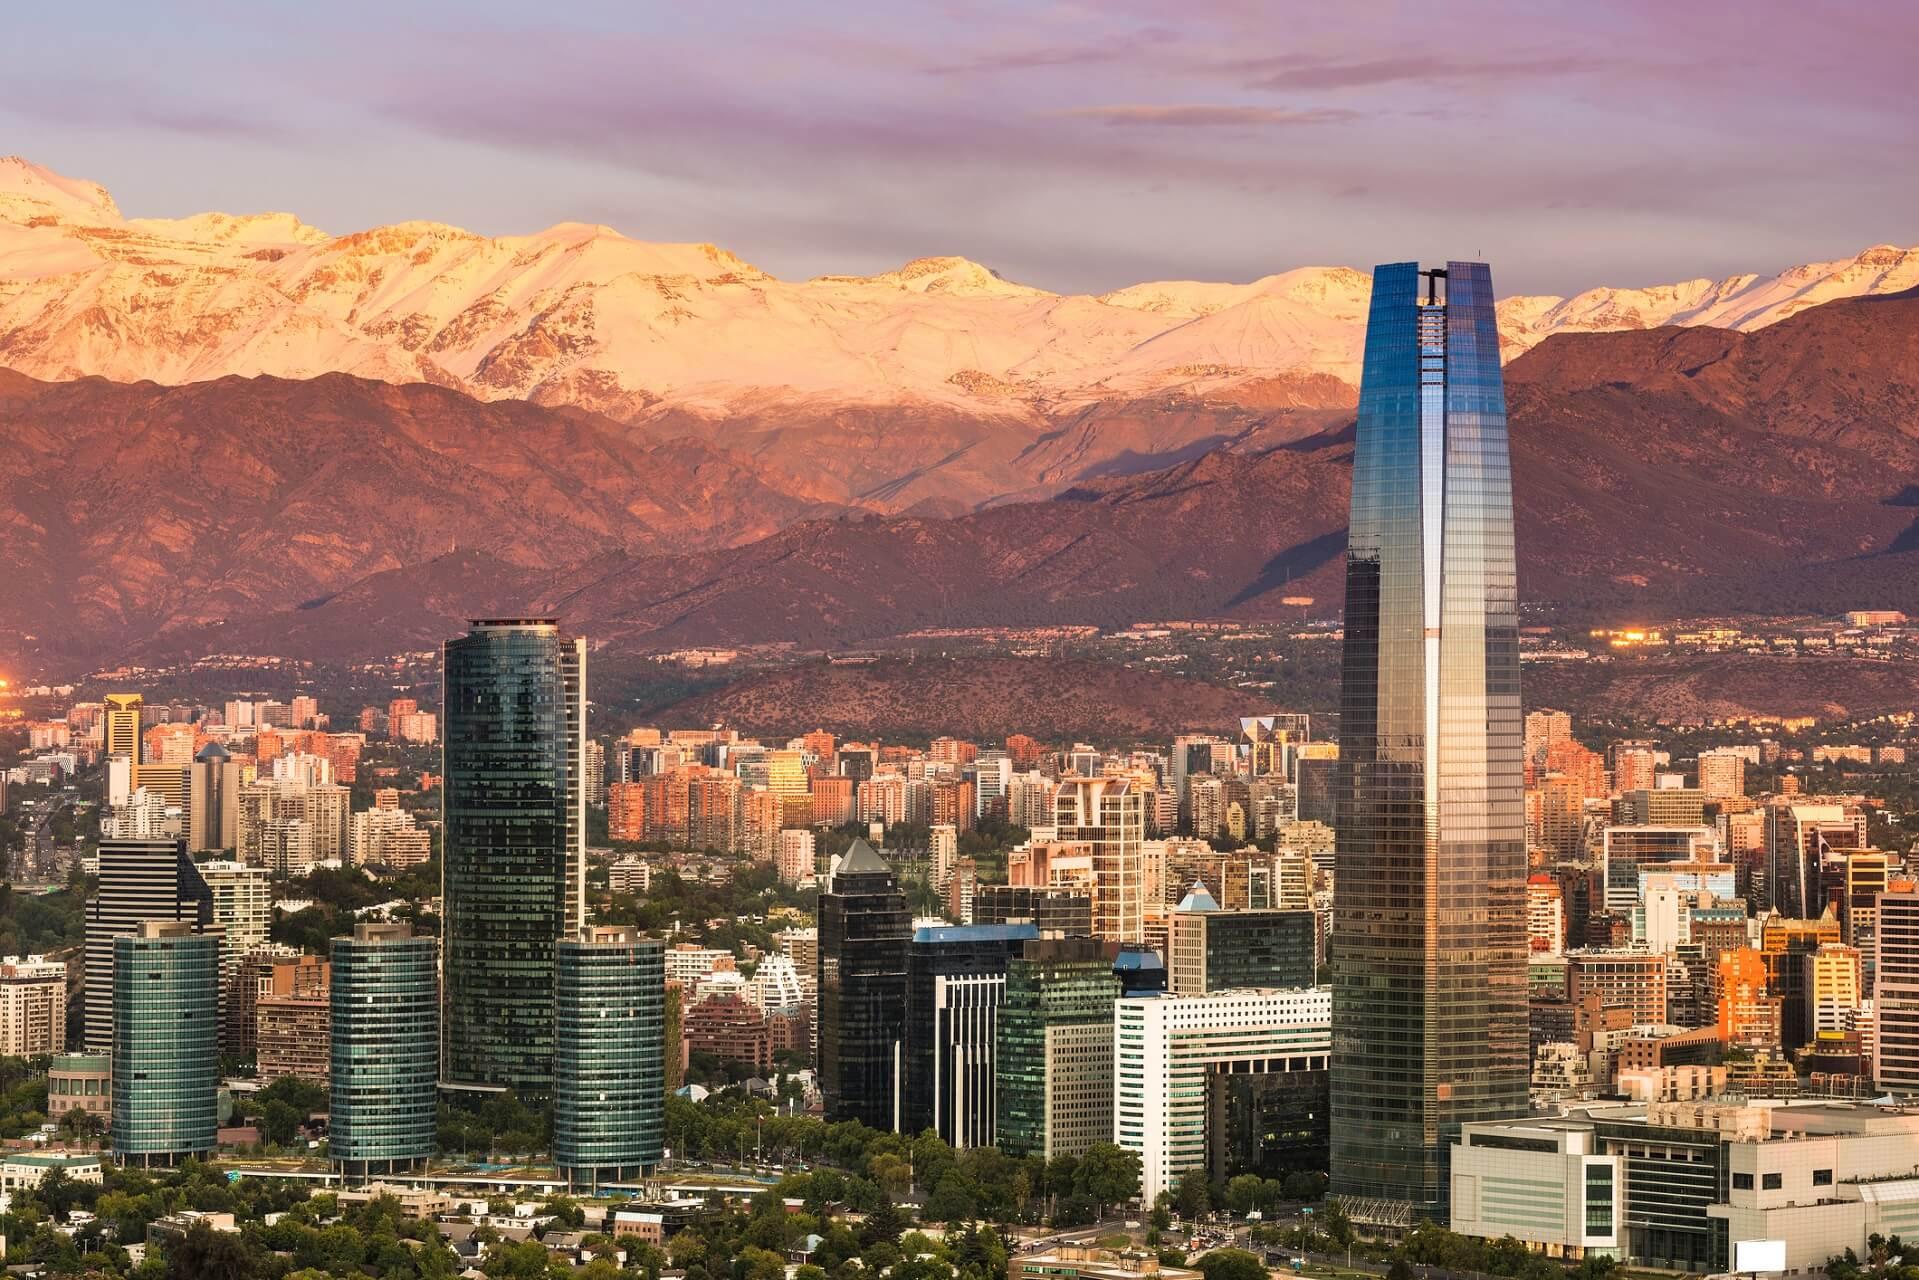 Santiago de Chile liefert euch eine fantastische Aussicht auf die Anden